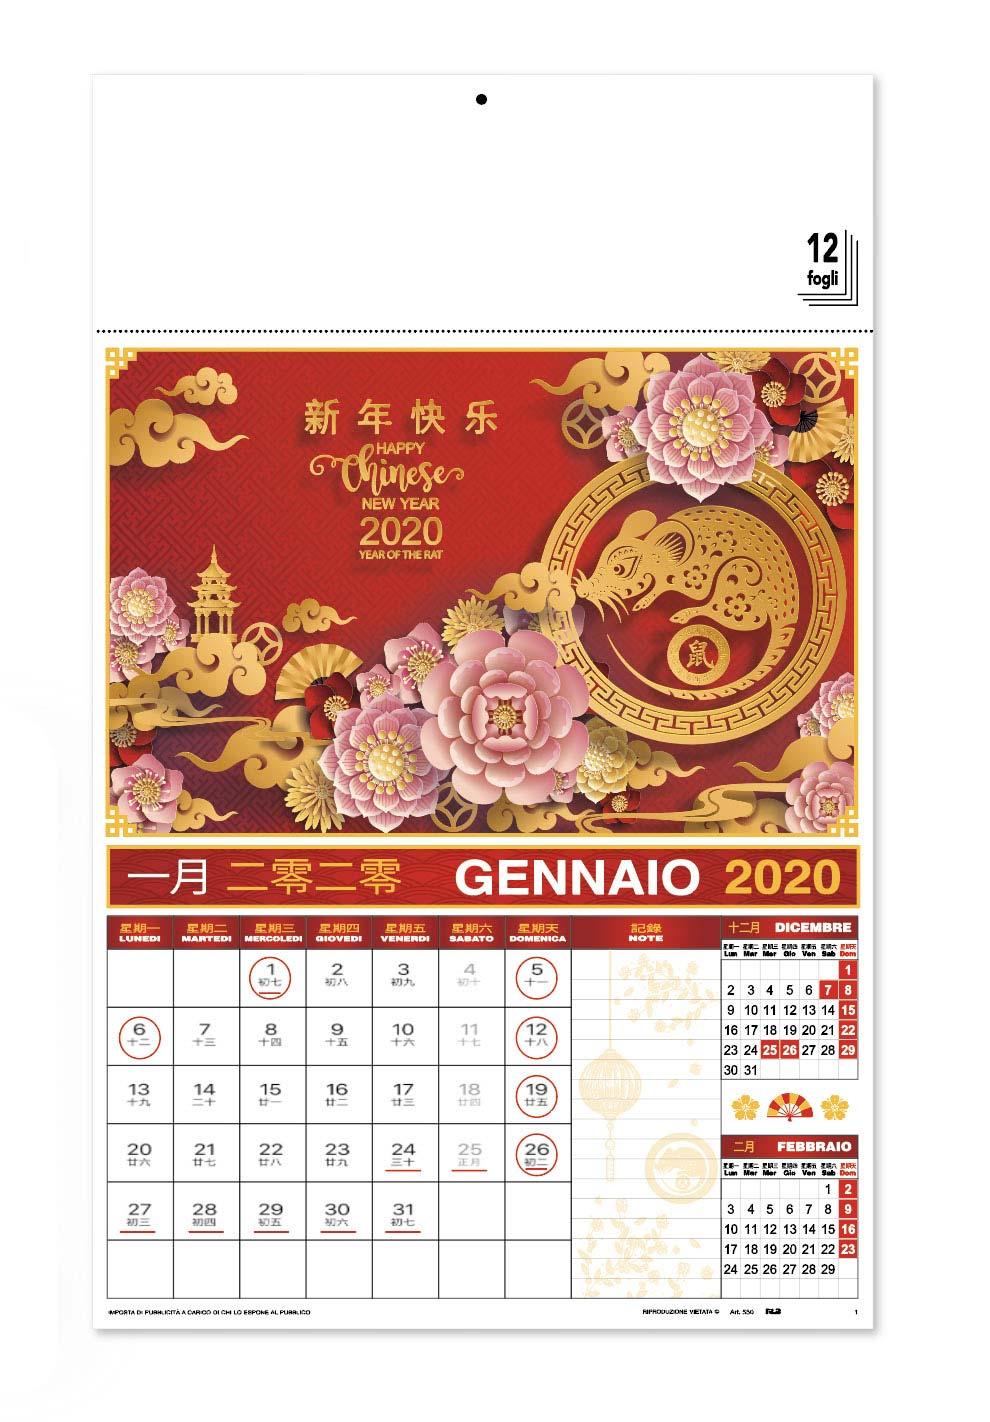 Calendario Cinese 2020.Calendario Oroscopo Cinese 2020